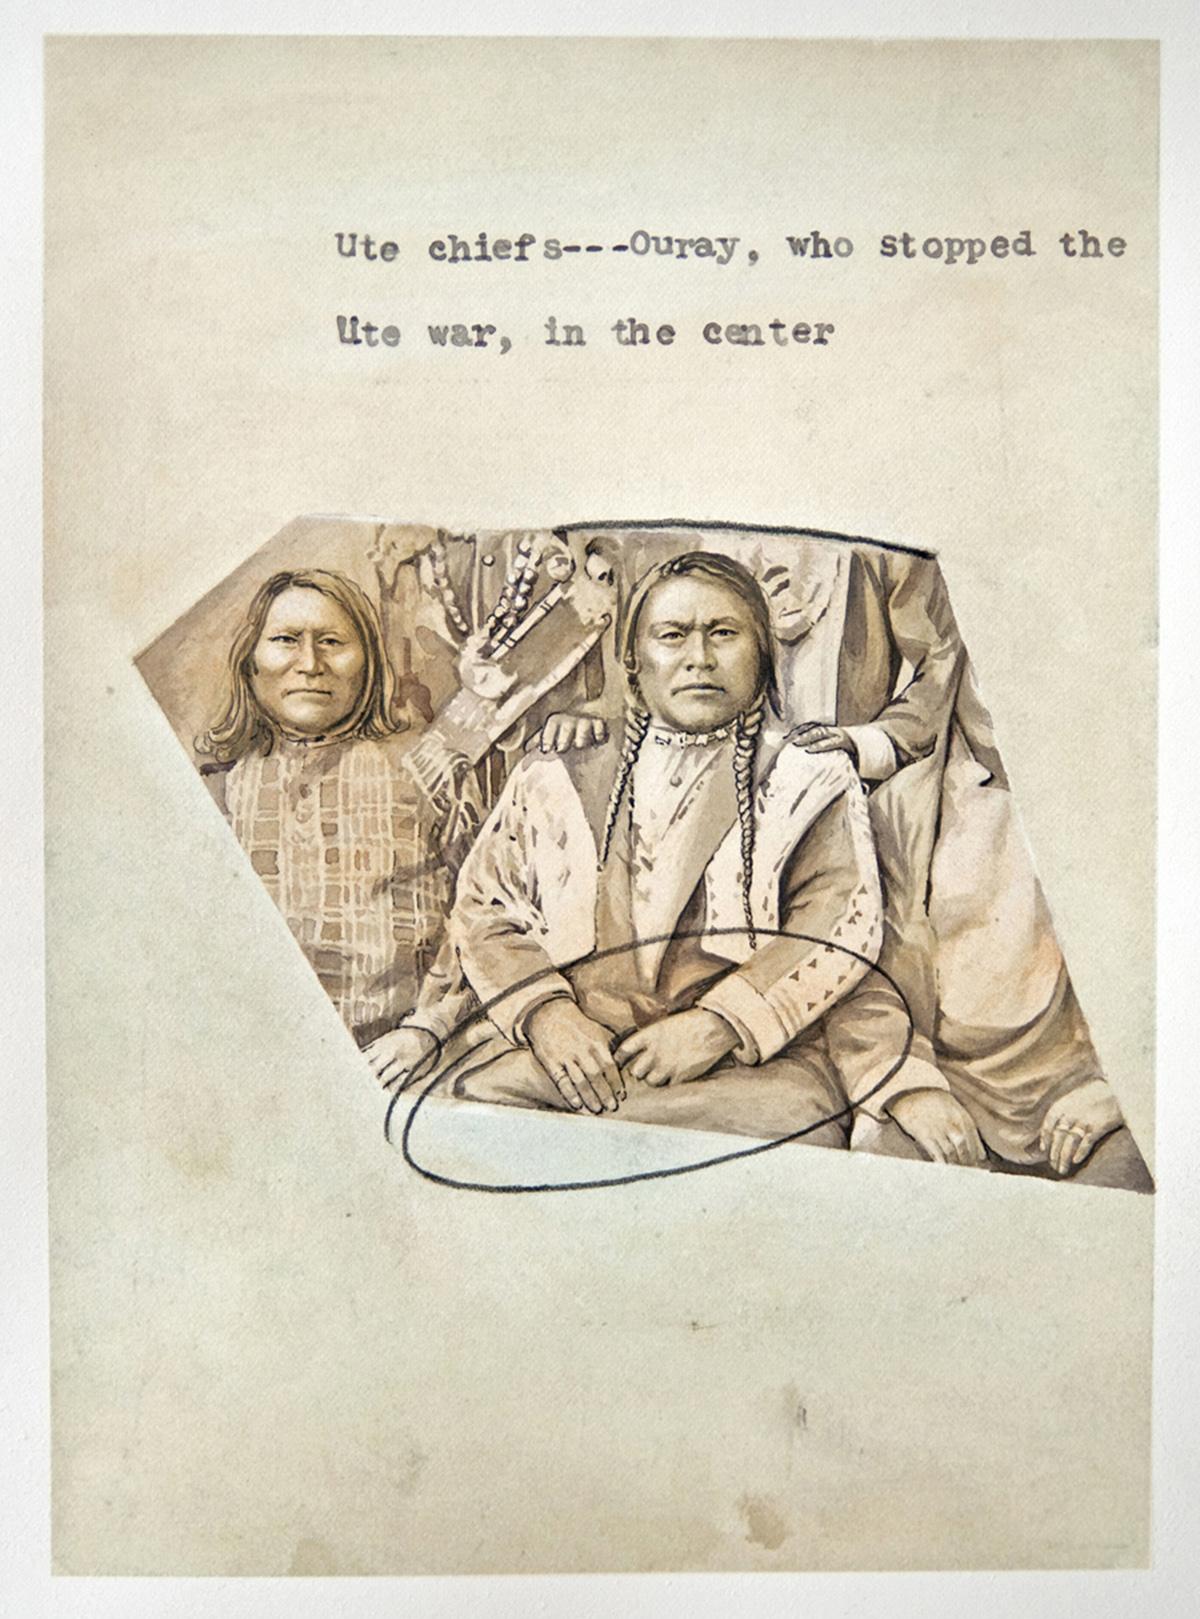 eb-ute-chief-2012